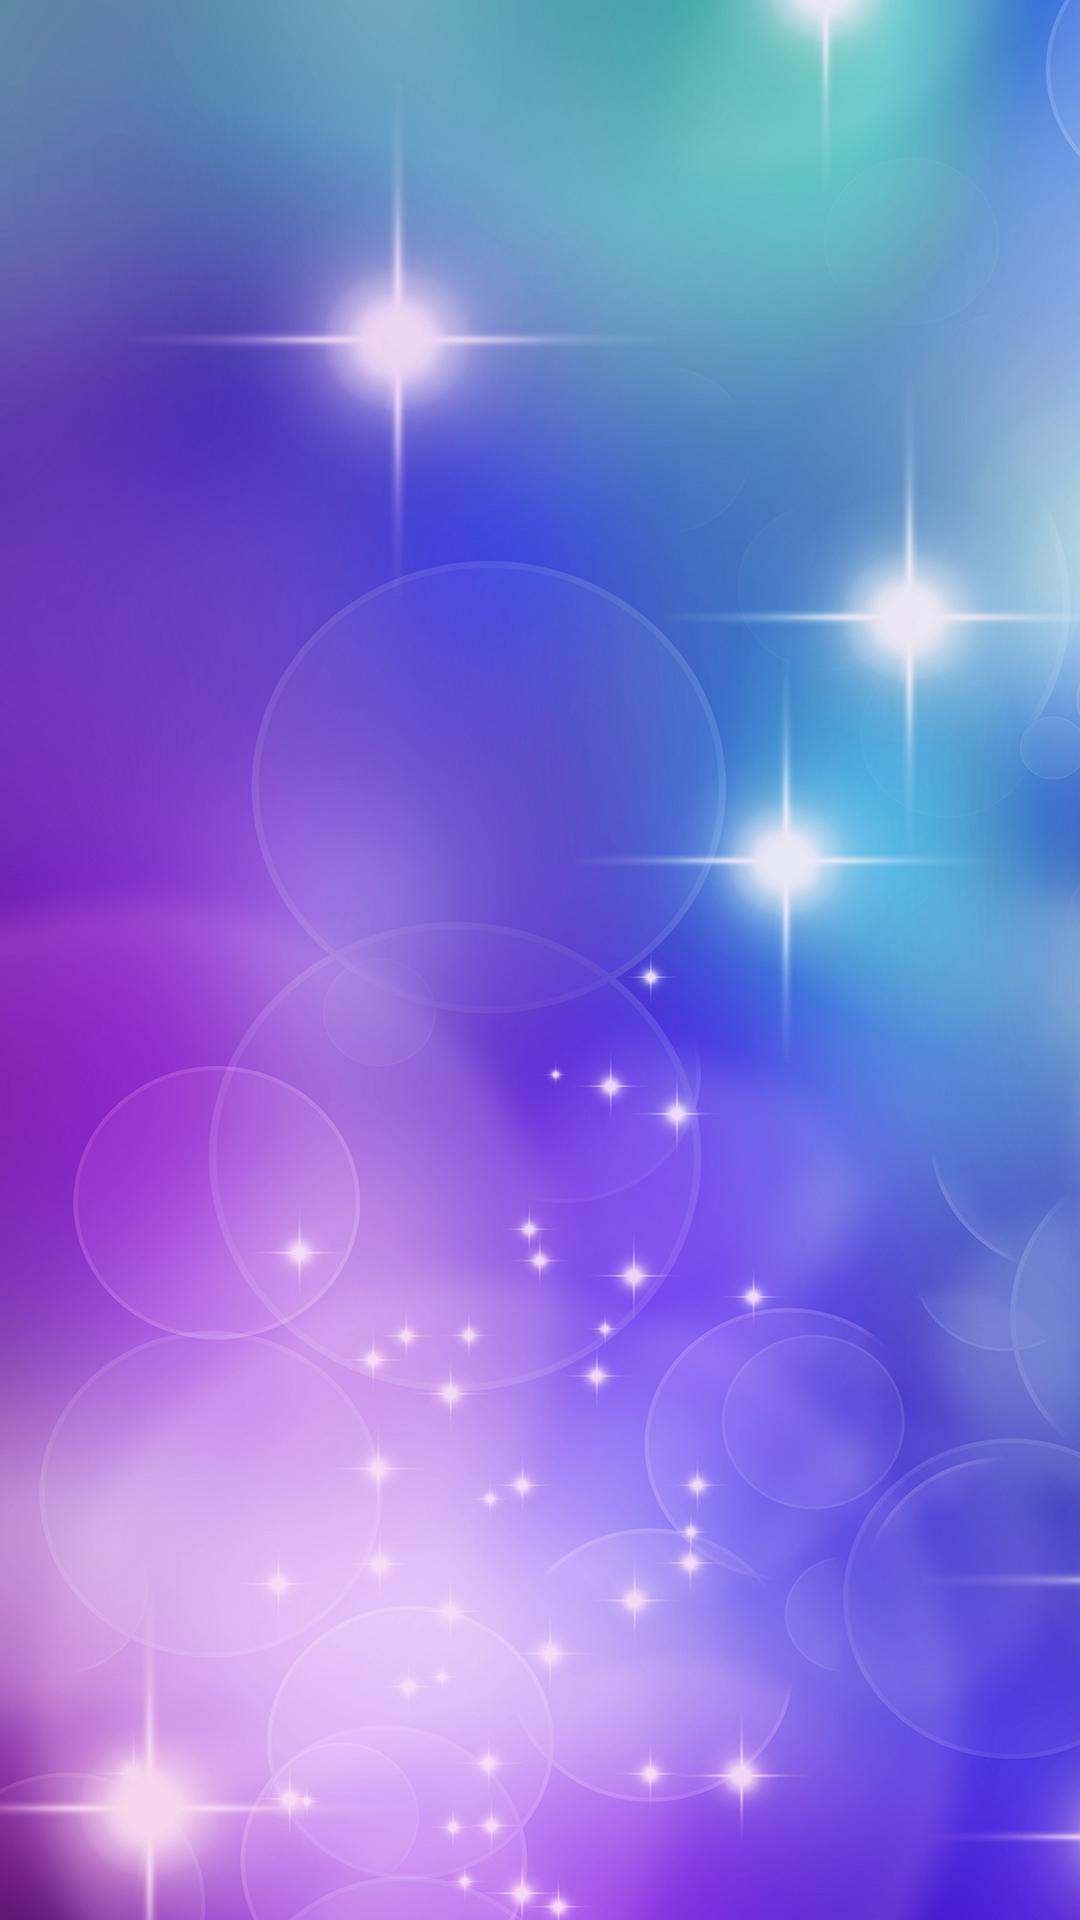 mat u00e9riau bleu violet h5 de fond bleu violet le gradient de couleur image de fond pour le